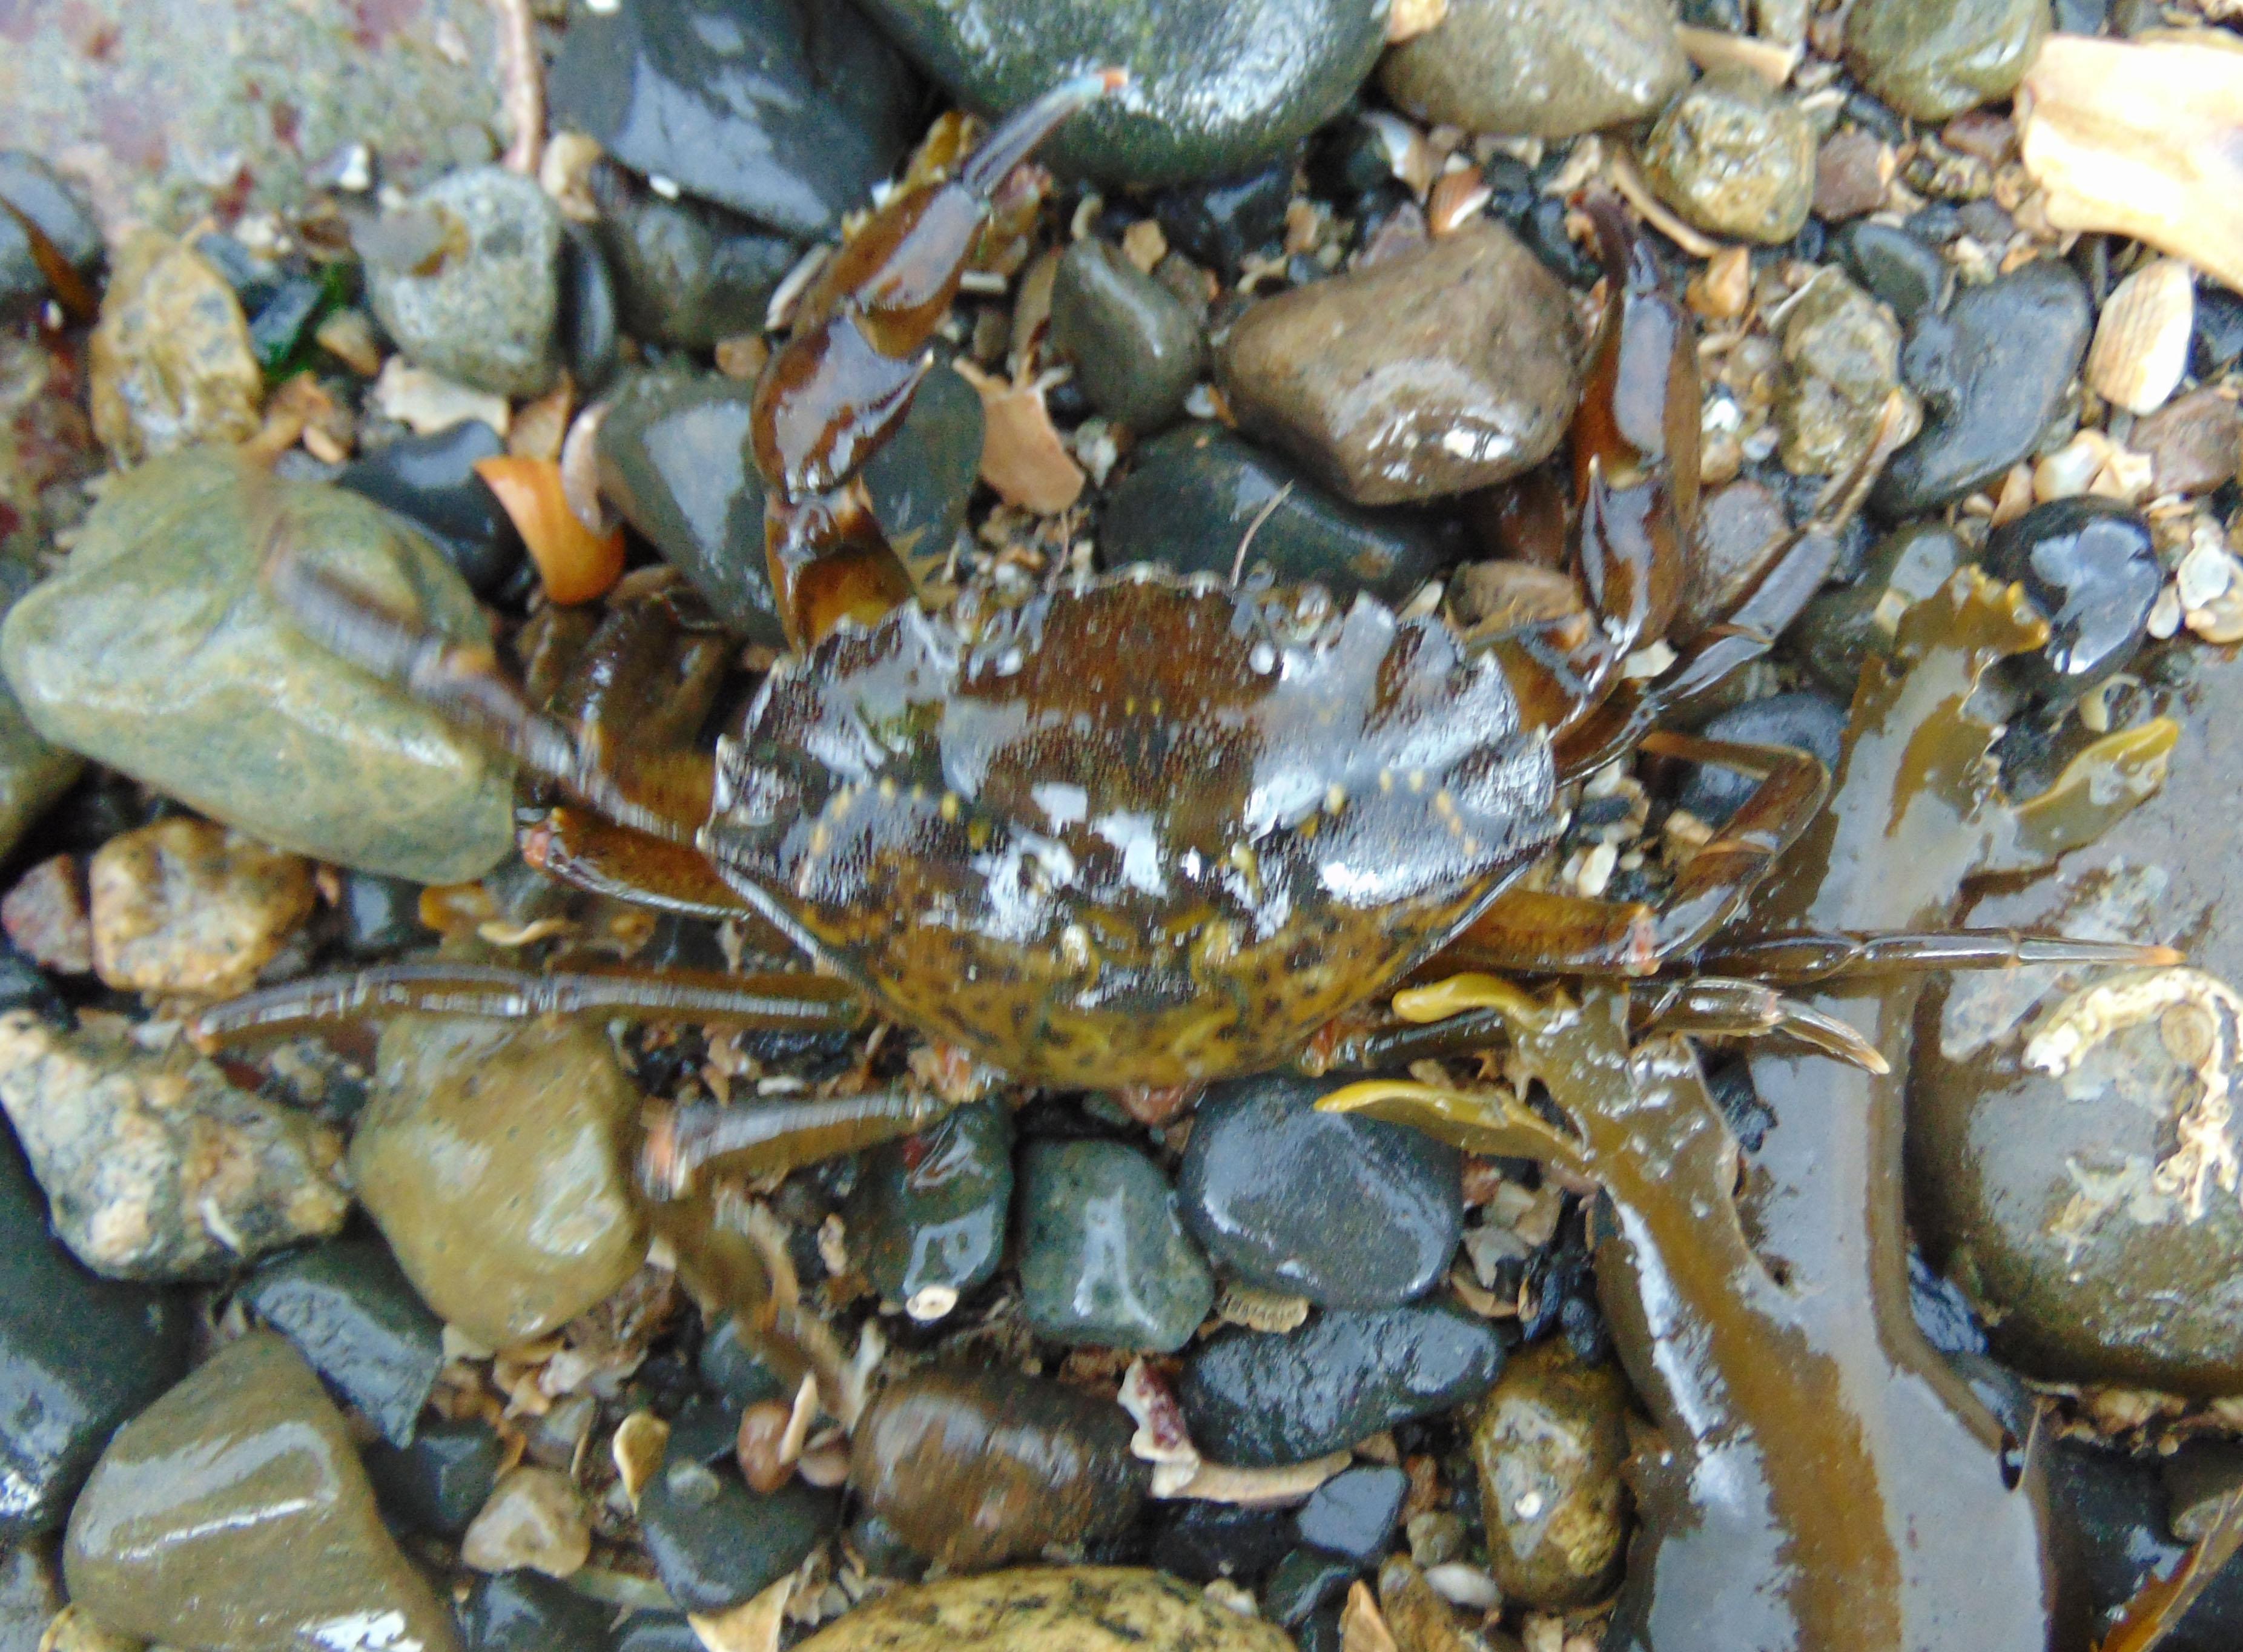 Green Shore Crab